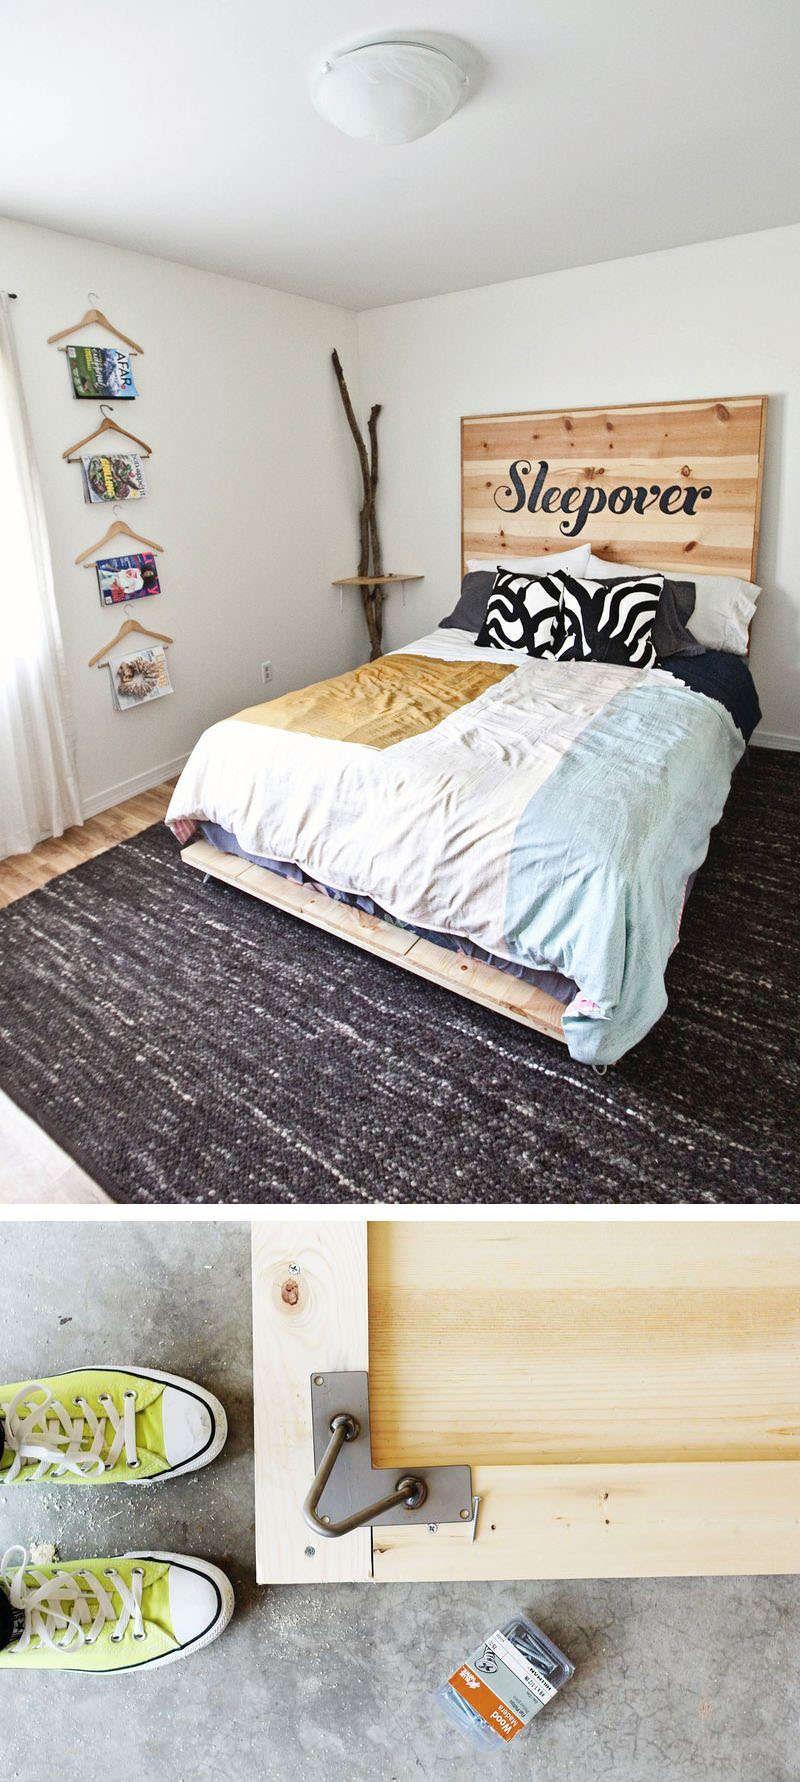 Bett Selbst Bauen Anleitung minimalistisches bett selber bauen anleitung schlafzimmer